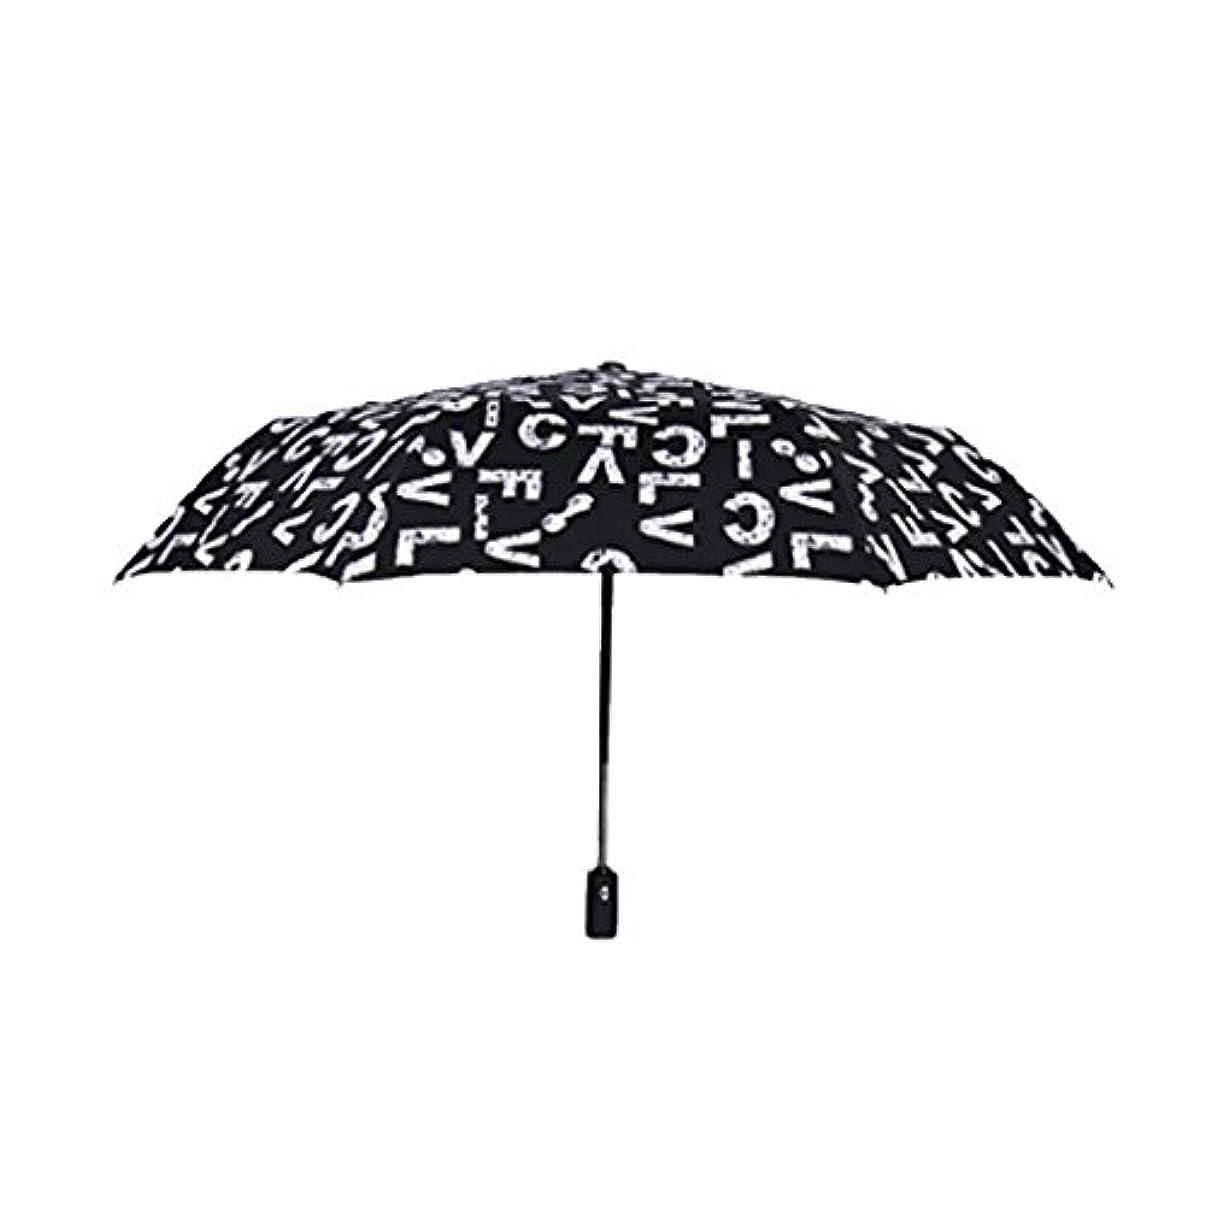 ハック処理テンポ旅行用傘 コンパクト旅行傘8リブテフロンコーティング付きファッショナブルなパラソル傘防風UV保護 - 速乾性の強い&ポータブル UVカット (色 : 2)